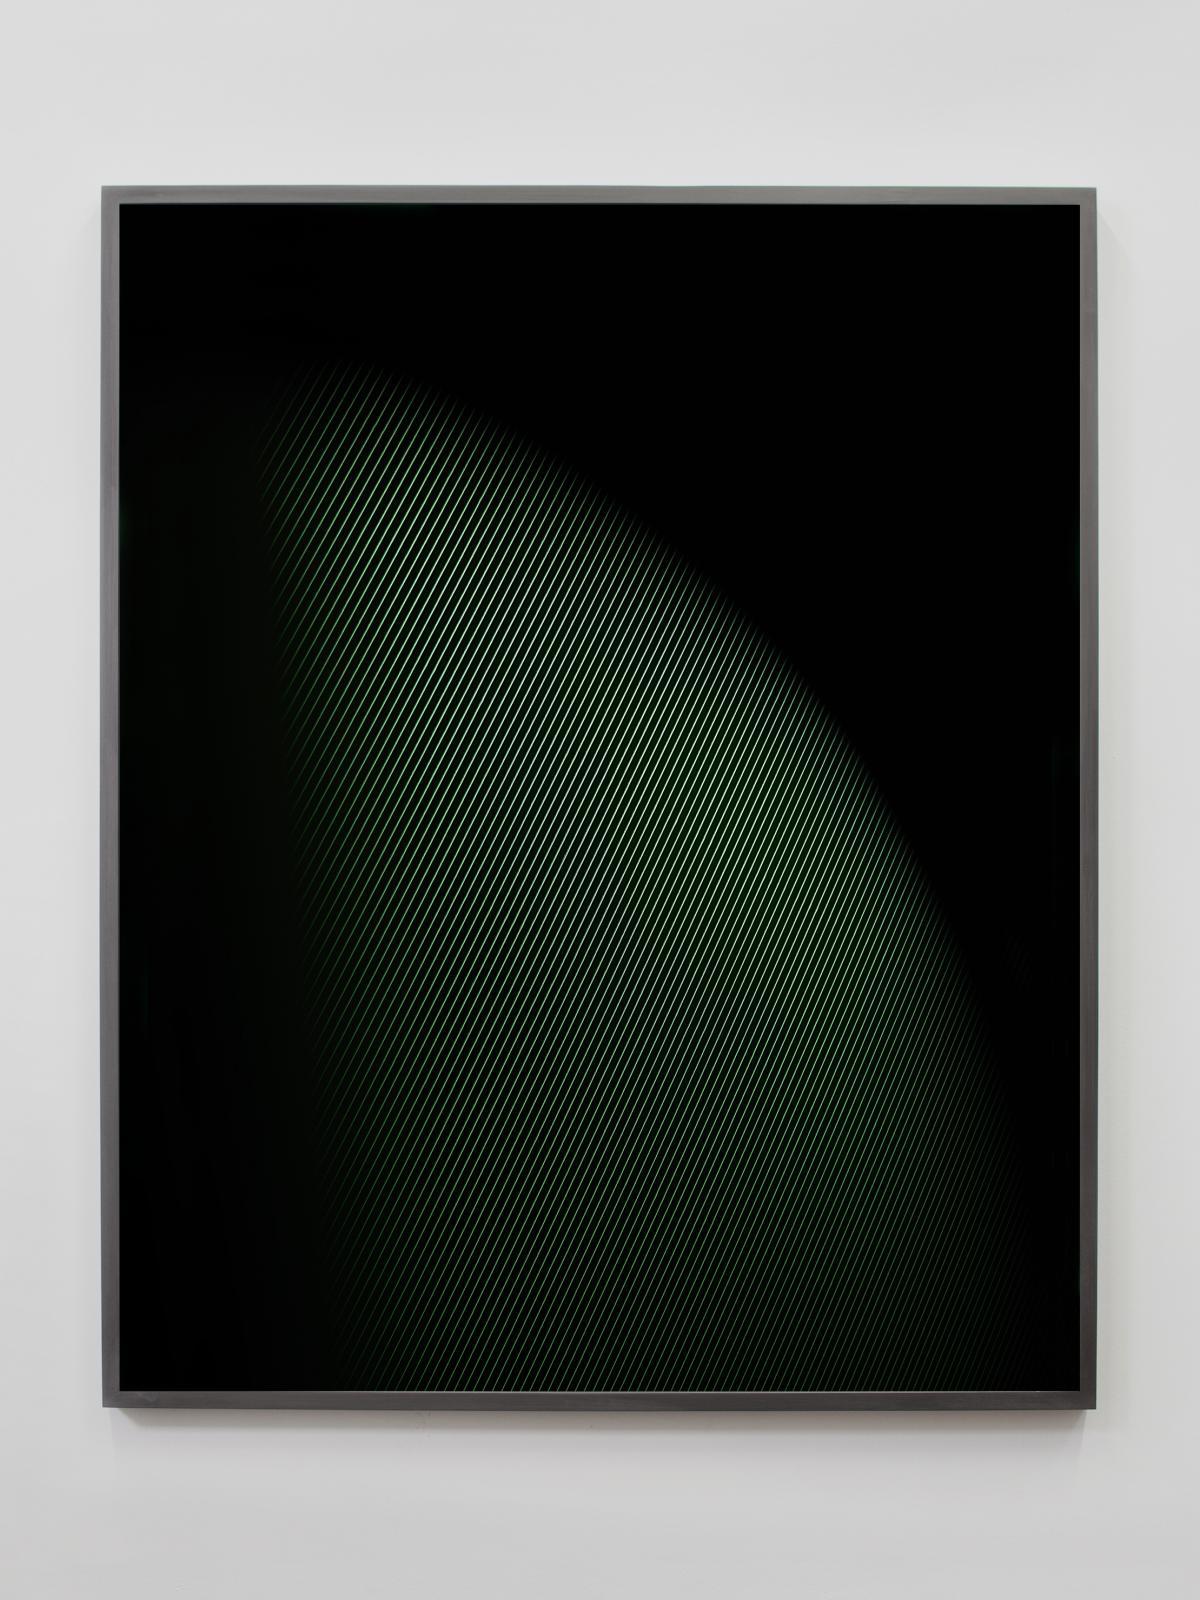 מתן מיטווך,אינדקס הדפסת פיגמנט ארכיבית גודל: 129.8*106 ס״מ. 2015, באדיבות גלריה דביר והאמן. צילום: אלעד שריג